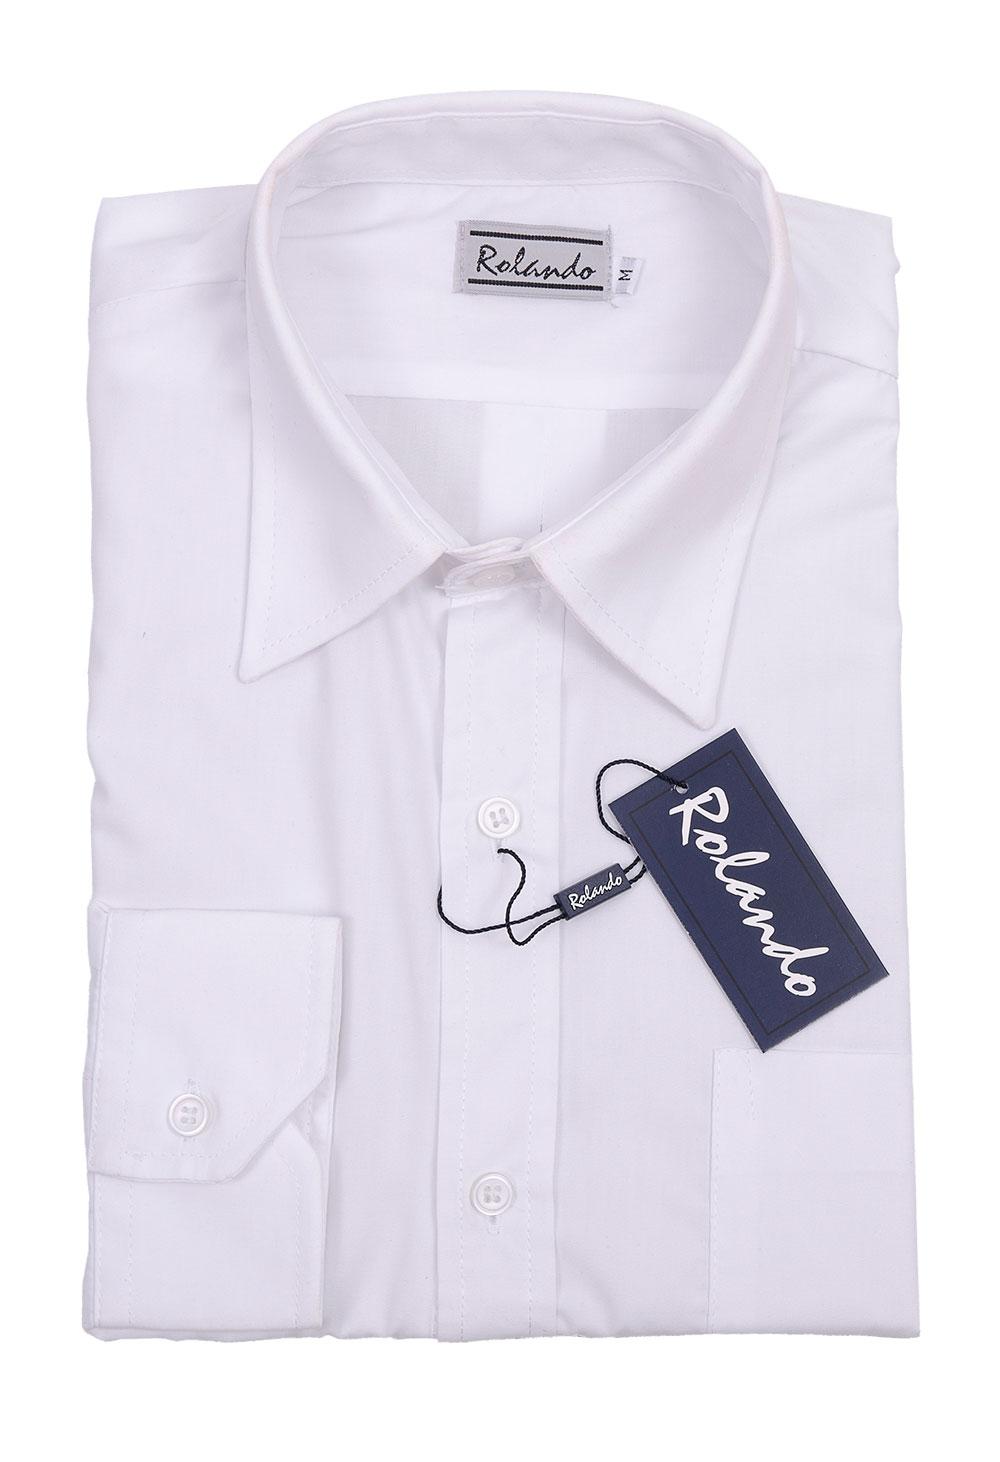 Mens P070 S/s Shirt - White